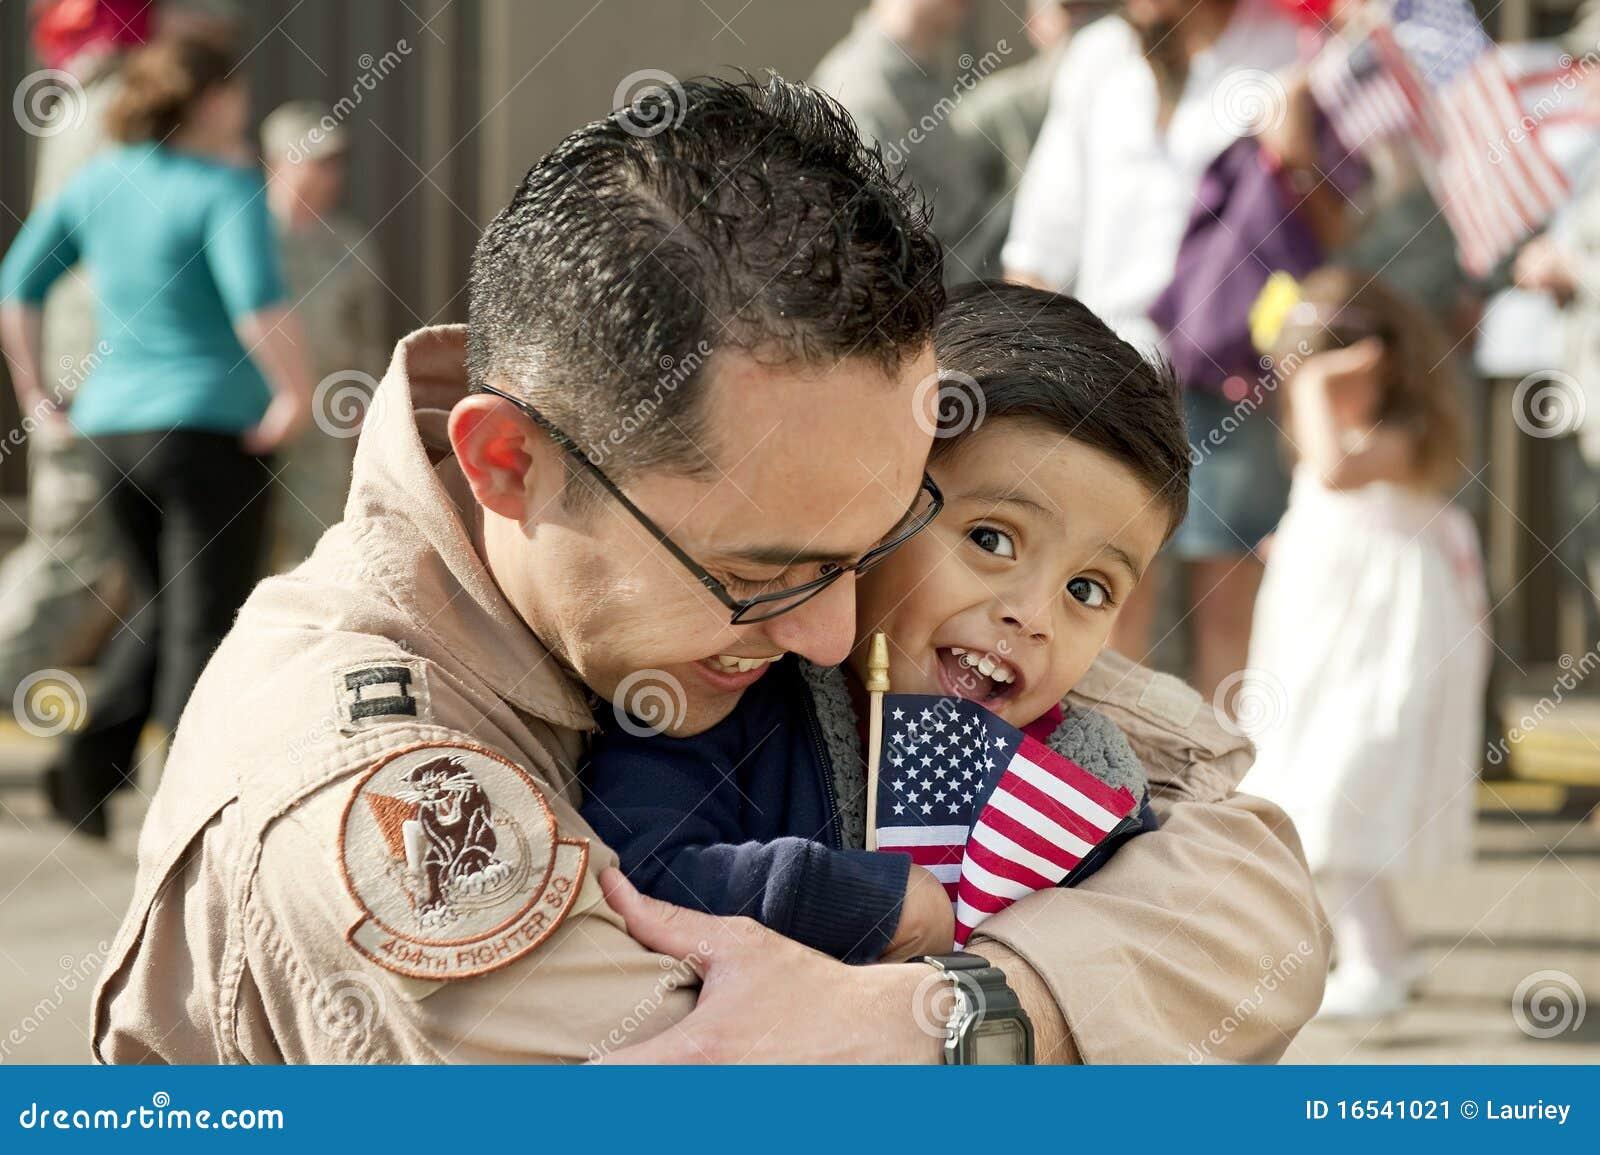 Junge und Vater (U.S.A.F.-Pilot) gewiedervereinigt